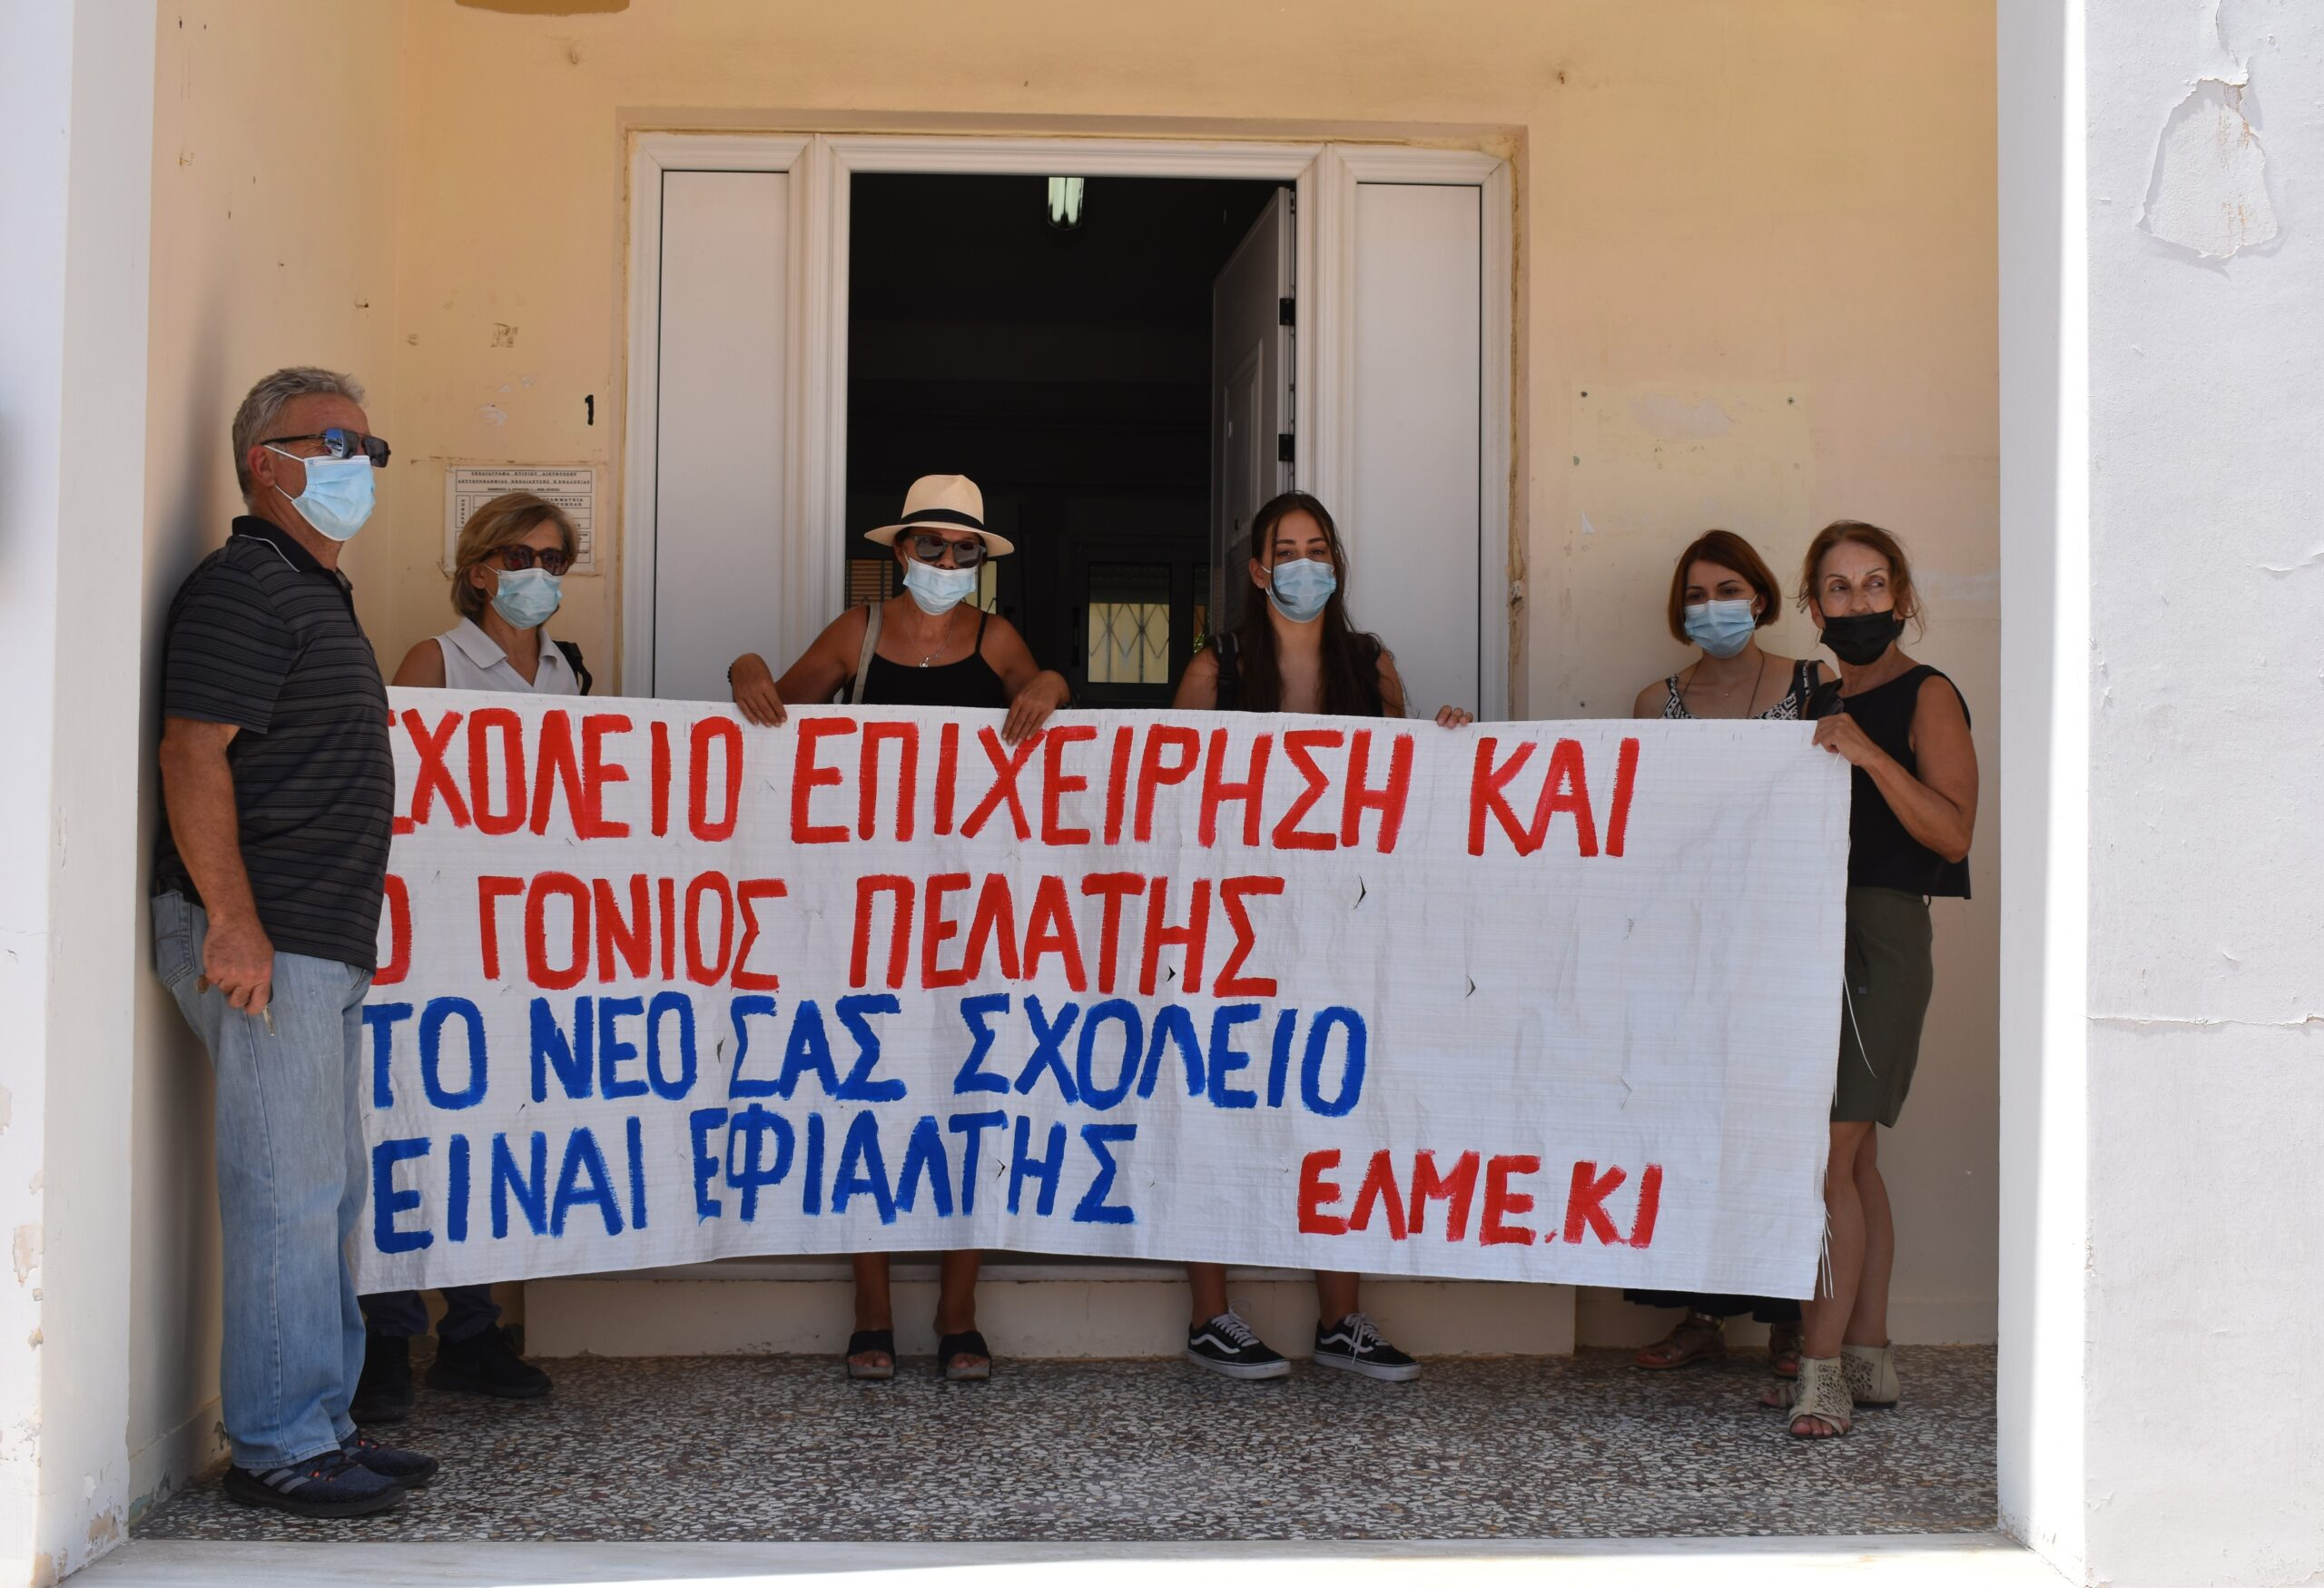 ΕΛΜΕΚΙ: Συγκέντρωση διαμαρτυρίας ενάντια σε Αντιεκπαιδευτικό Νομοσχέδιο